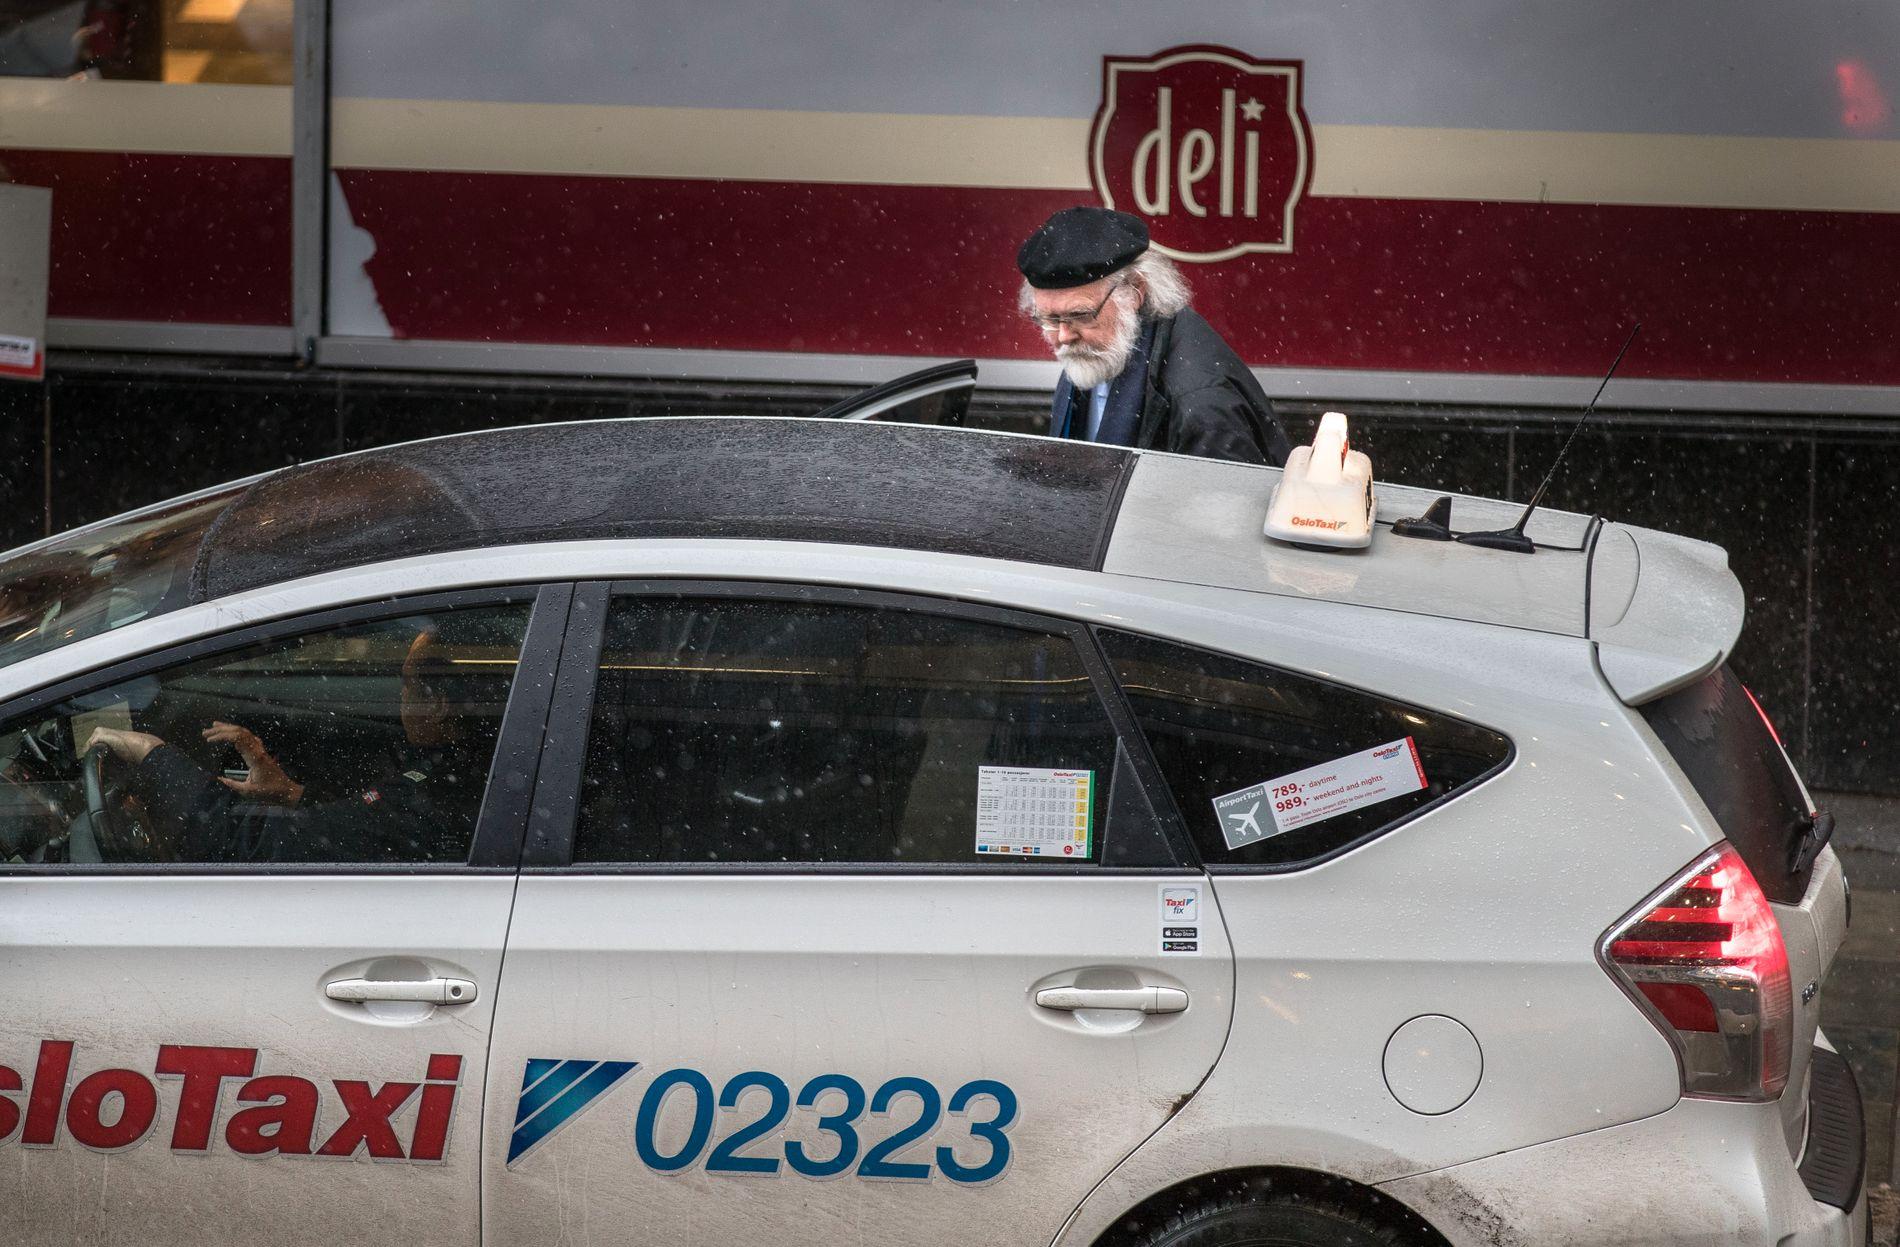 TAXI I VITENSKAPENS TJENESTE: – Jeg er nok i det øverste sjiktet i taxibruk, men jeg er også i det øverste sjiktet på andre parametere ved universitet, uttalte Nils Christian Stenseth til VG i mars.